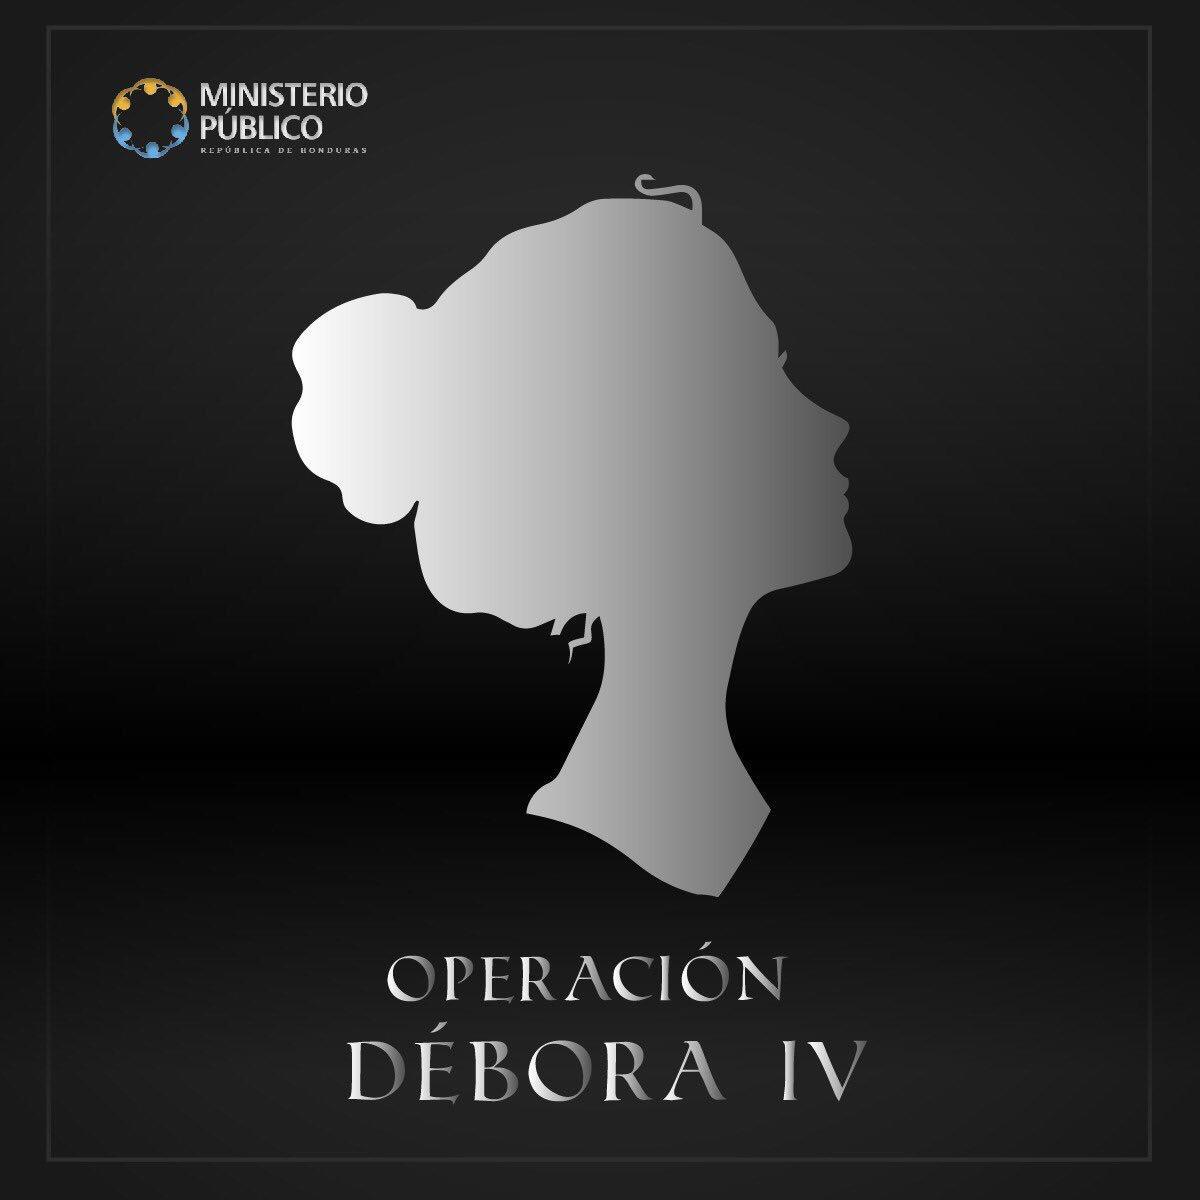 Debora IV